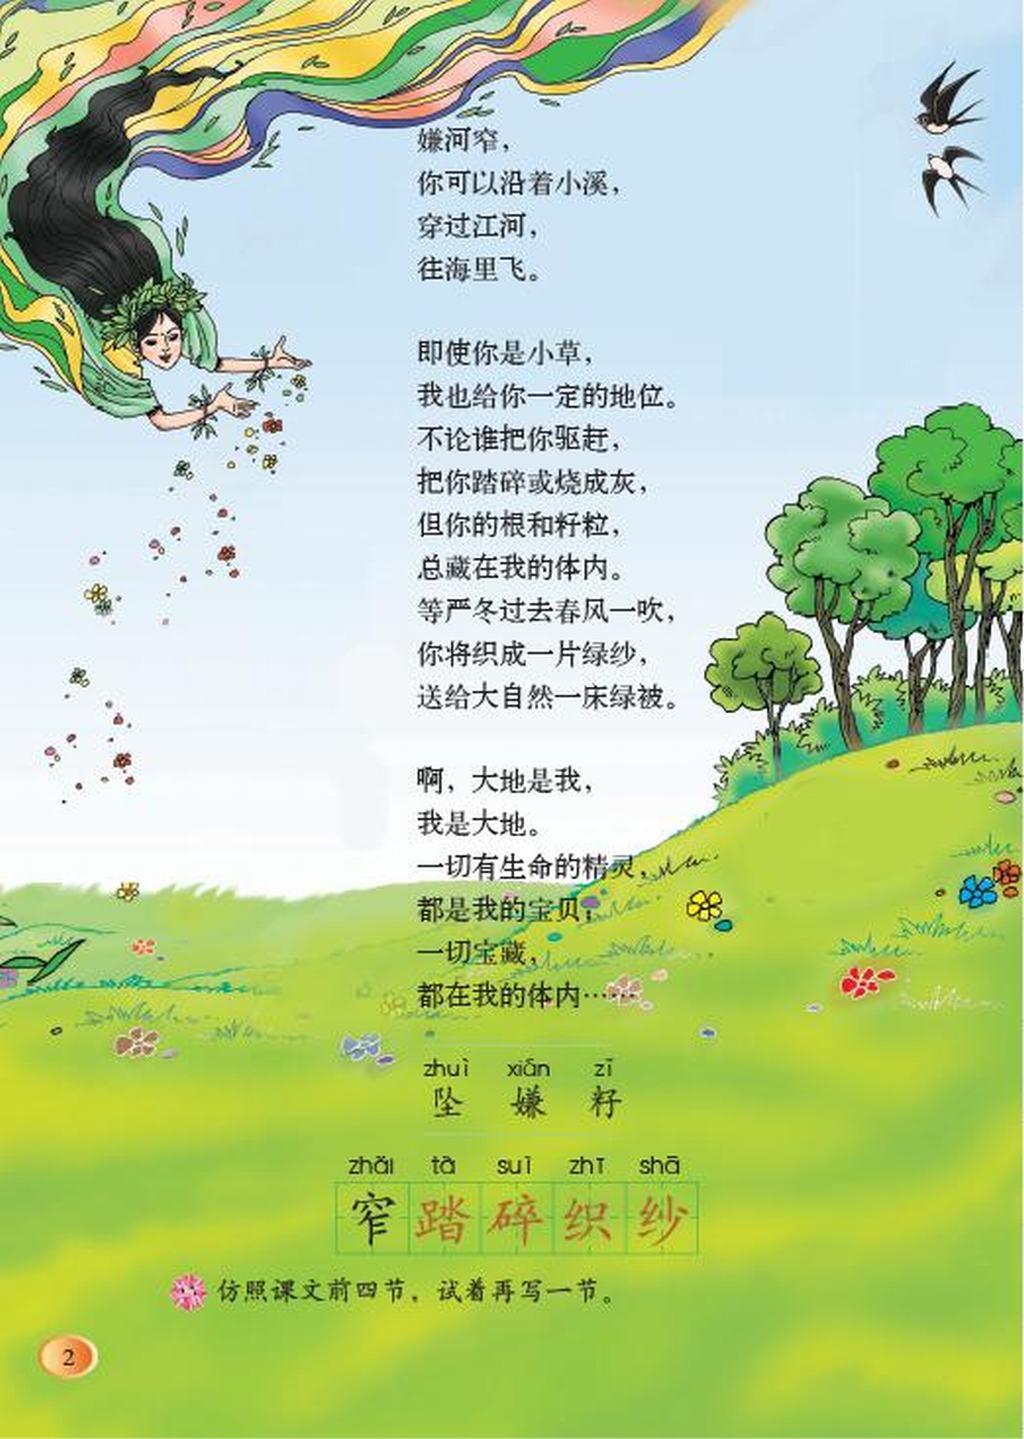 北师大版四年级语文下册第1单元 话语